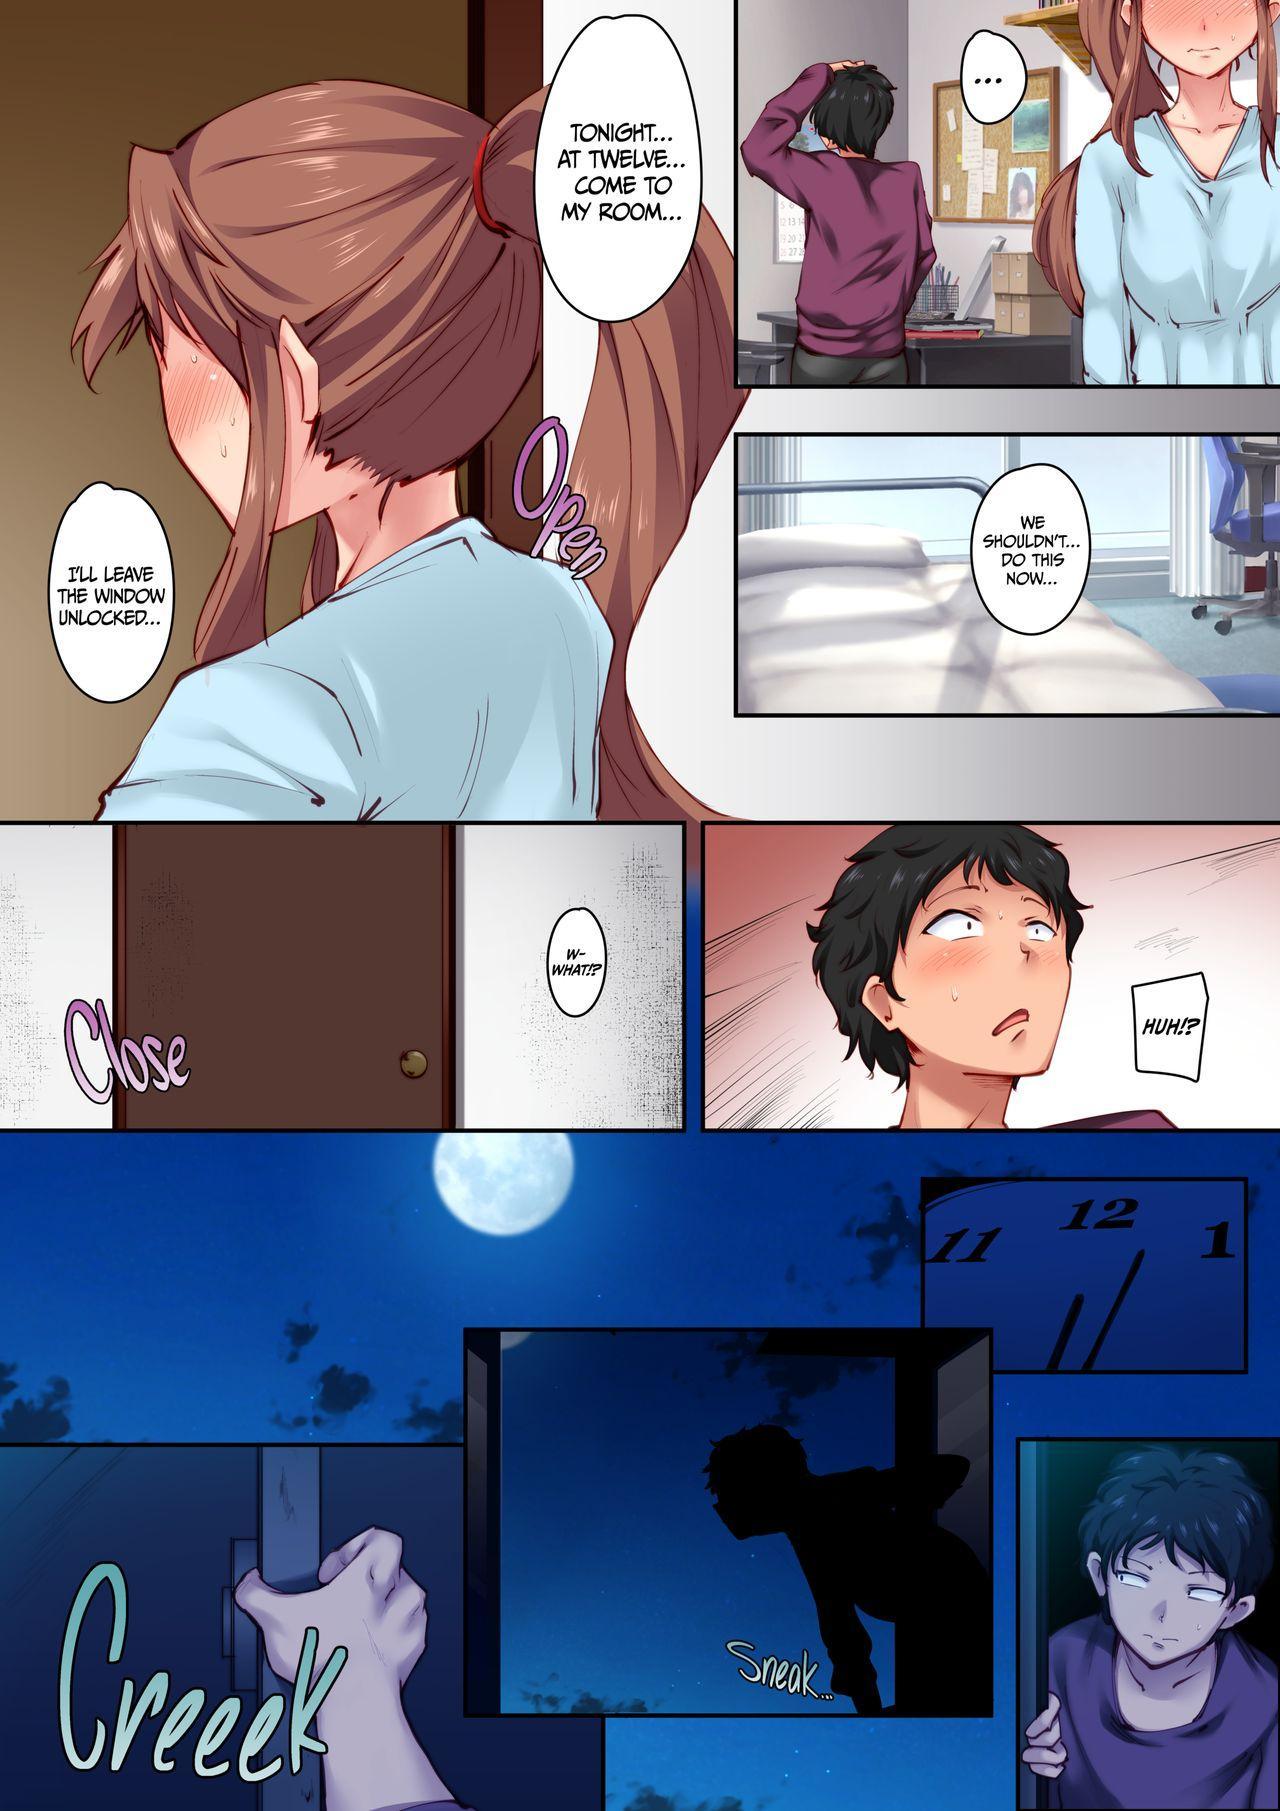 Osananajimi ga Konnani Kimochi ii Nante | Home Alone Romp with my Childhood Friend 13